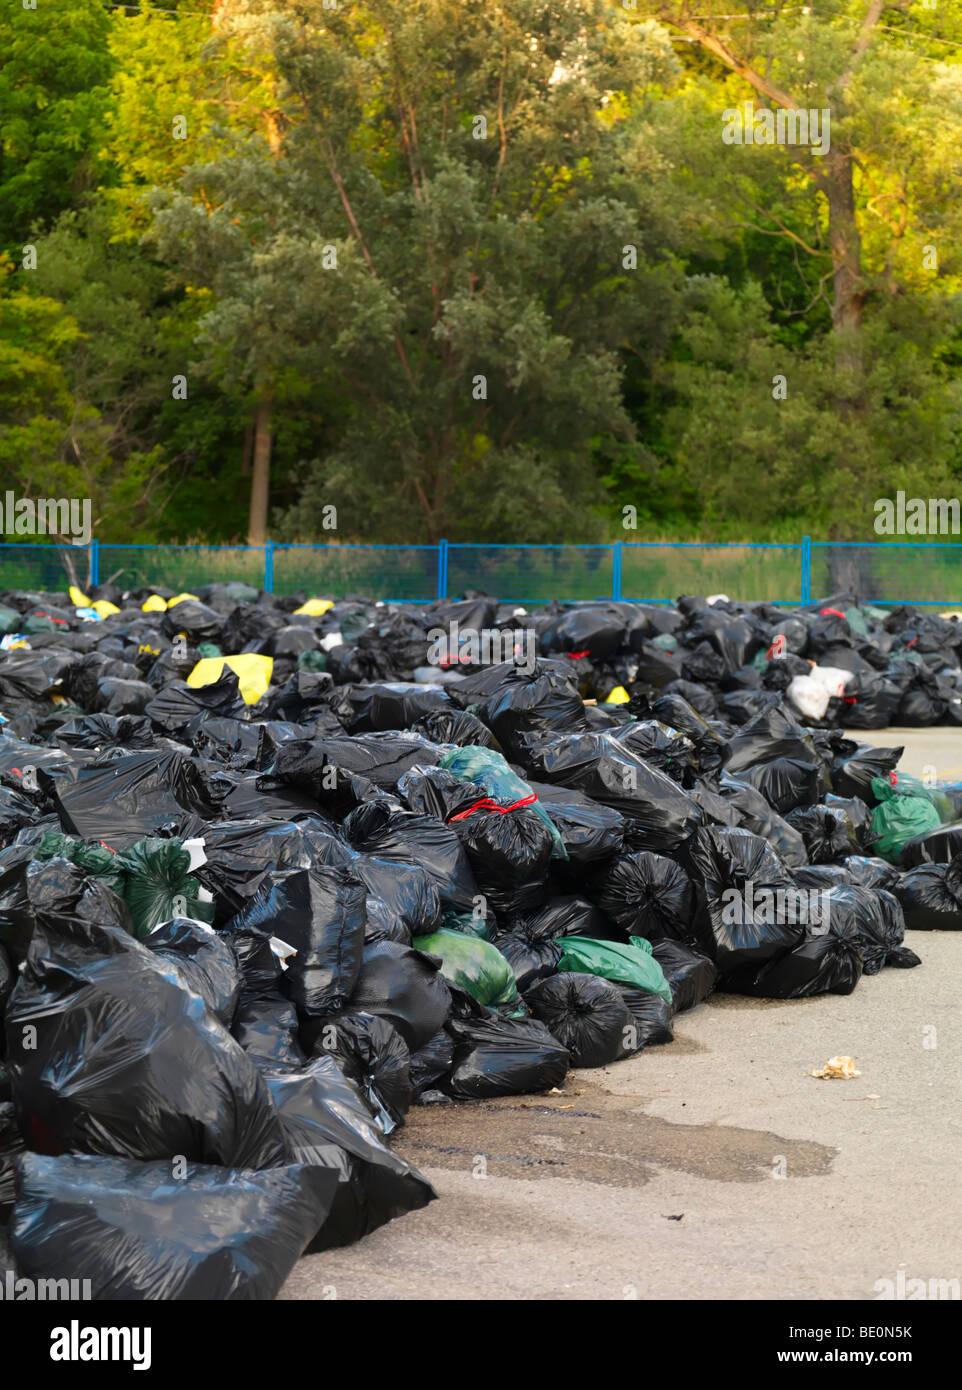 Müllhalde in einem park Stockbild